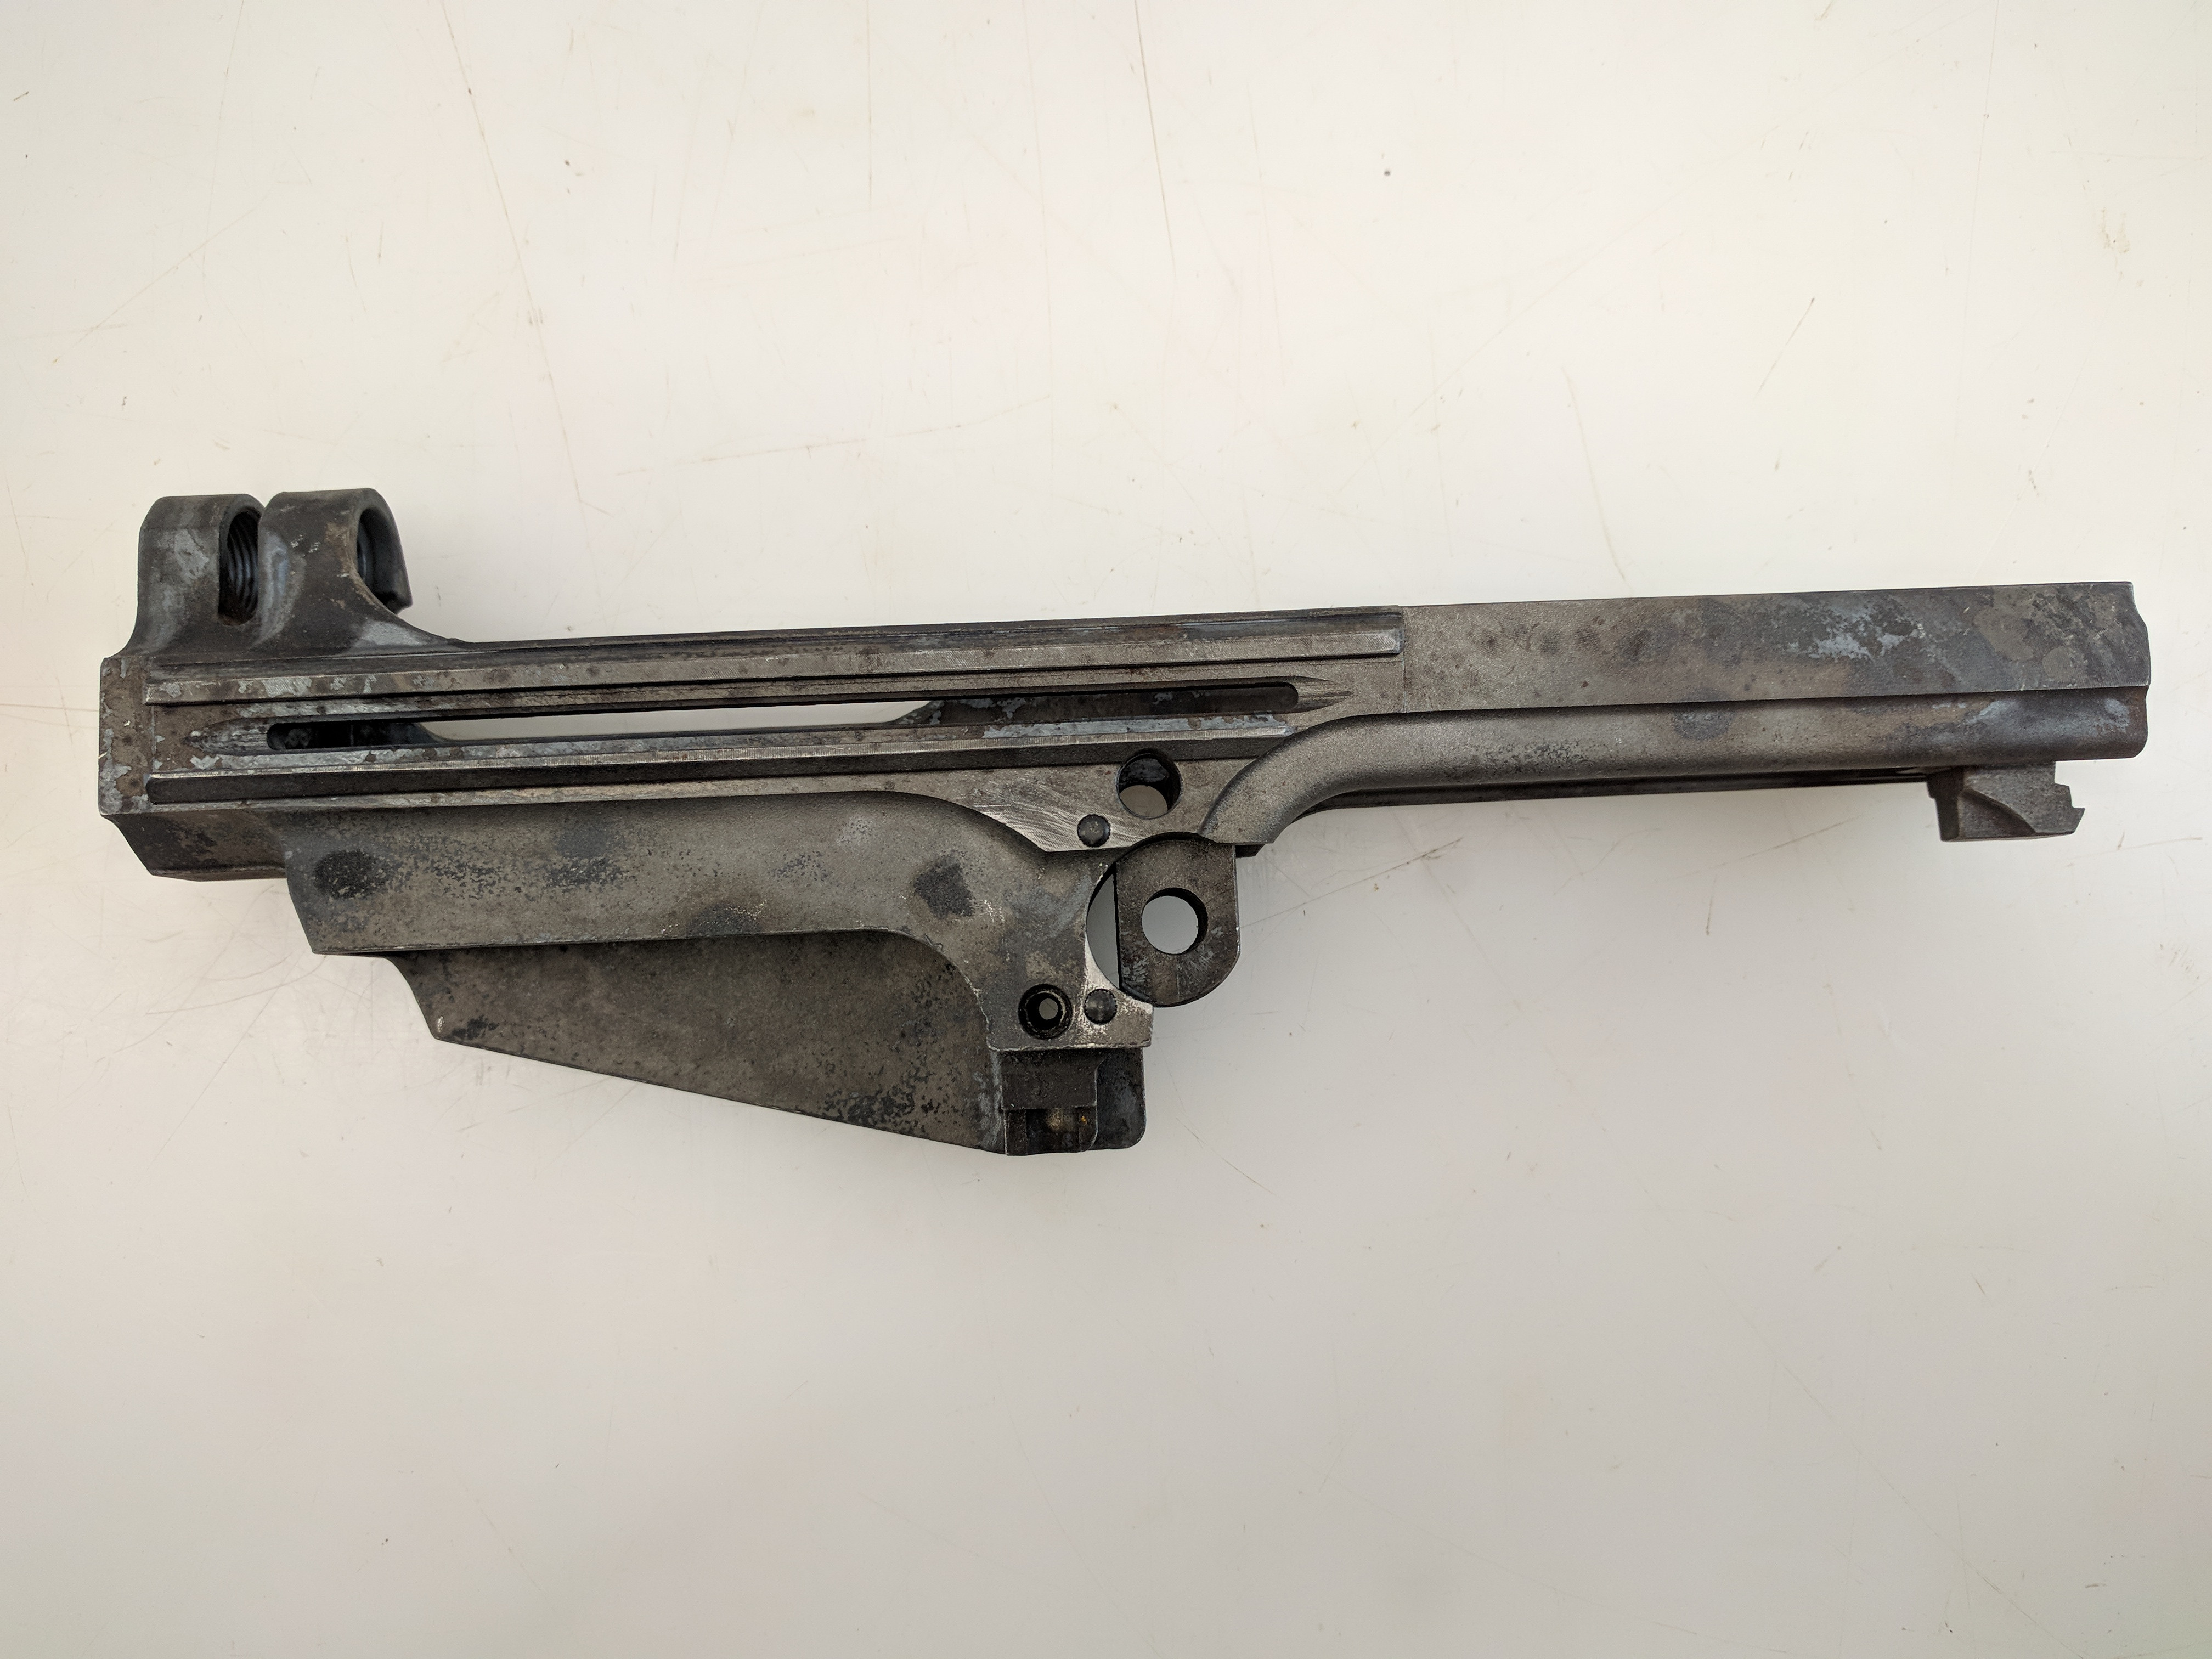 U.S. Manufactured L1A1 Receiver, .308 Win